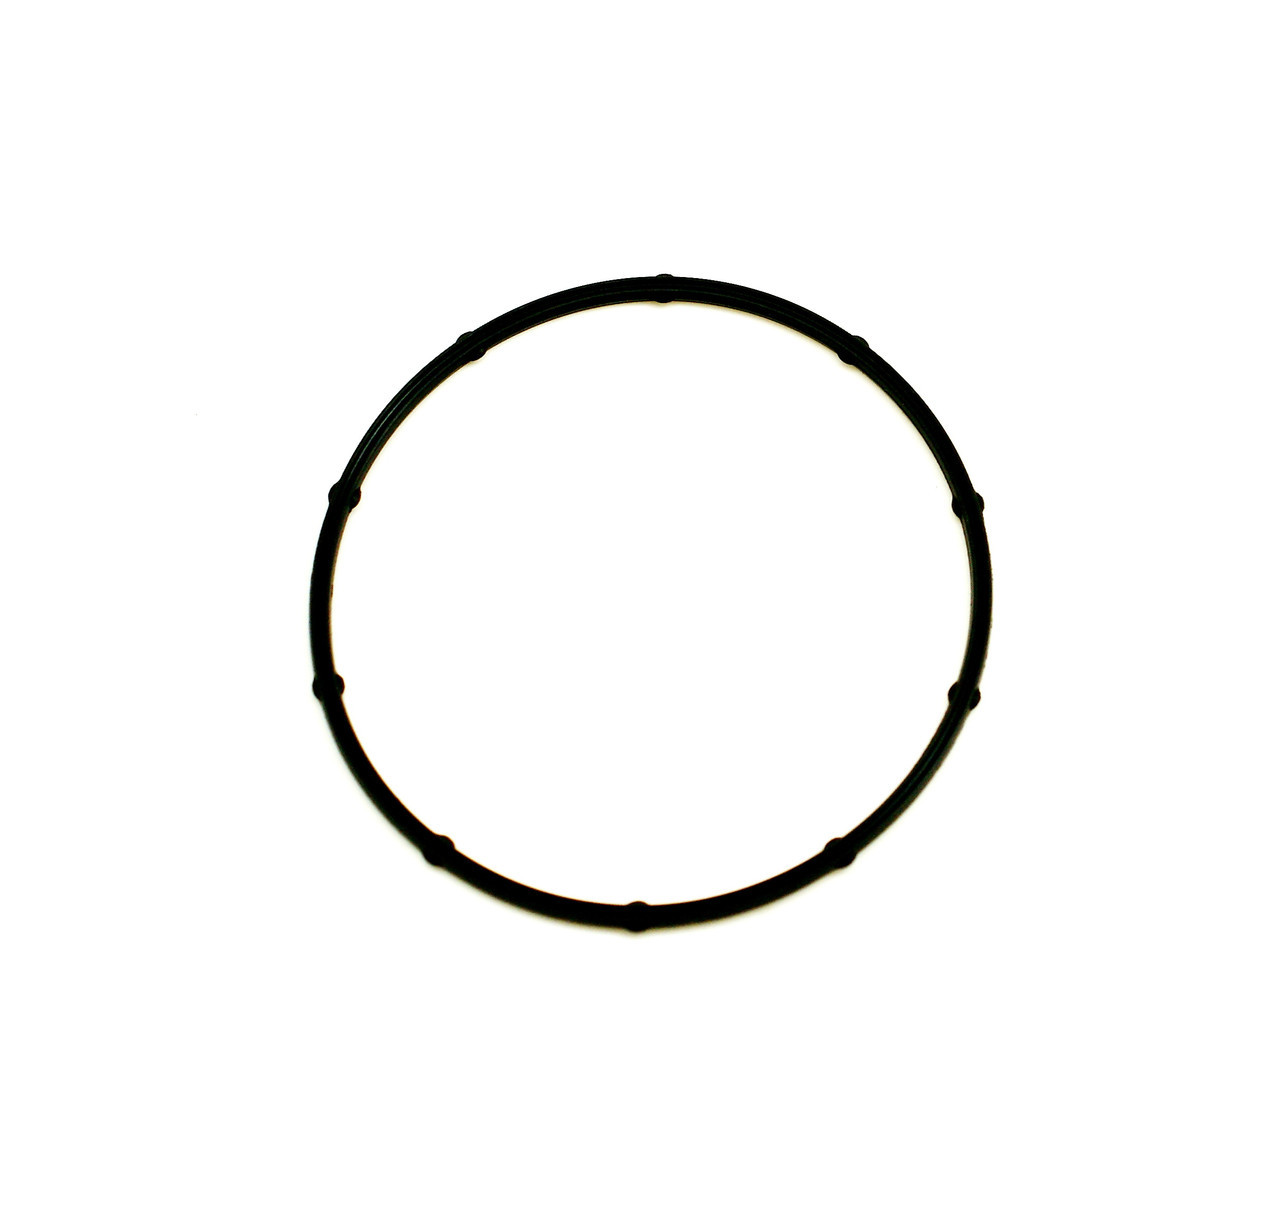 Кольцо уплотнительное крышки распредвала Cummins QSX 4985660 4101881 4026522 3411878 3679573